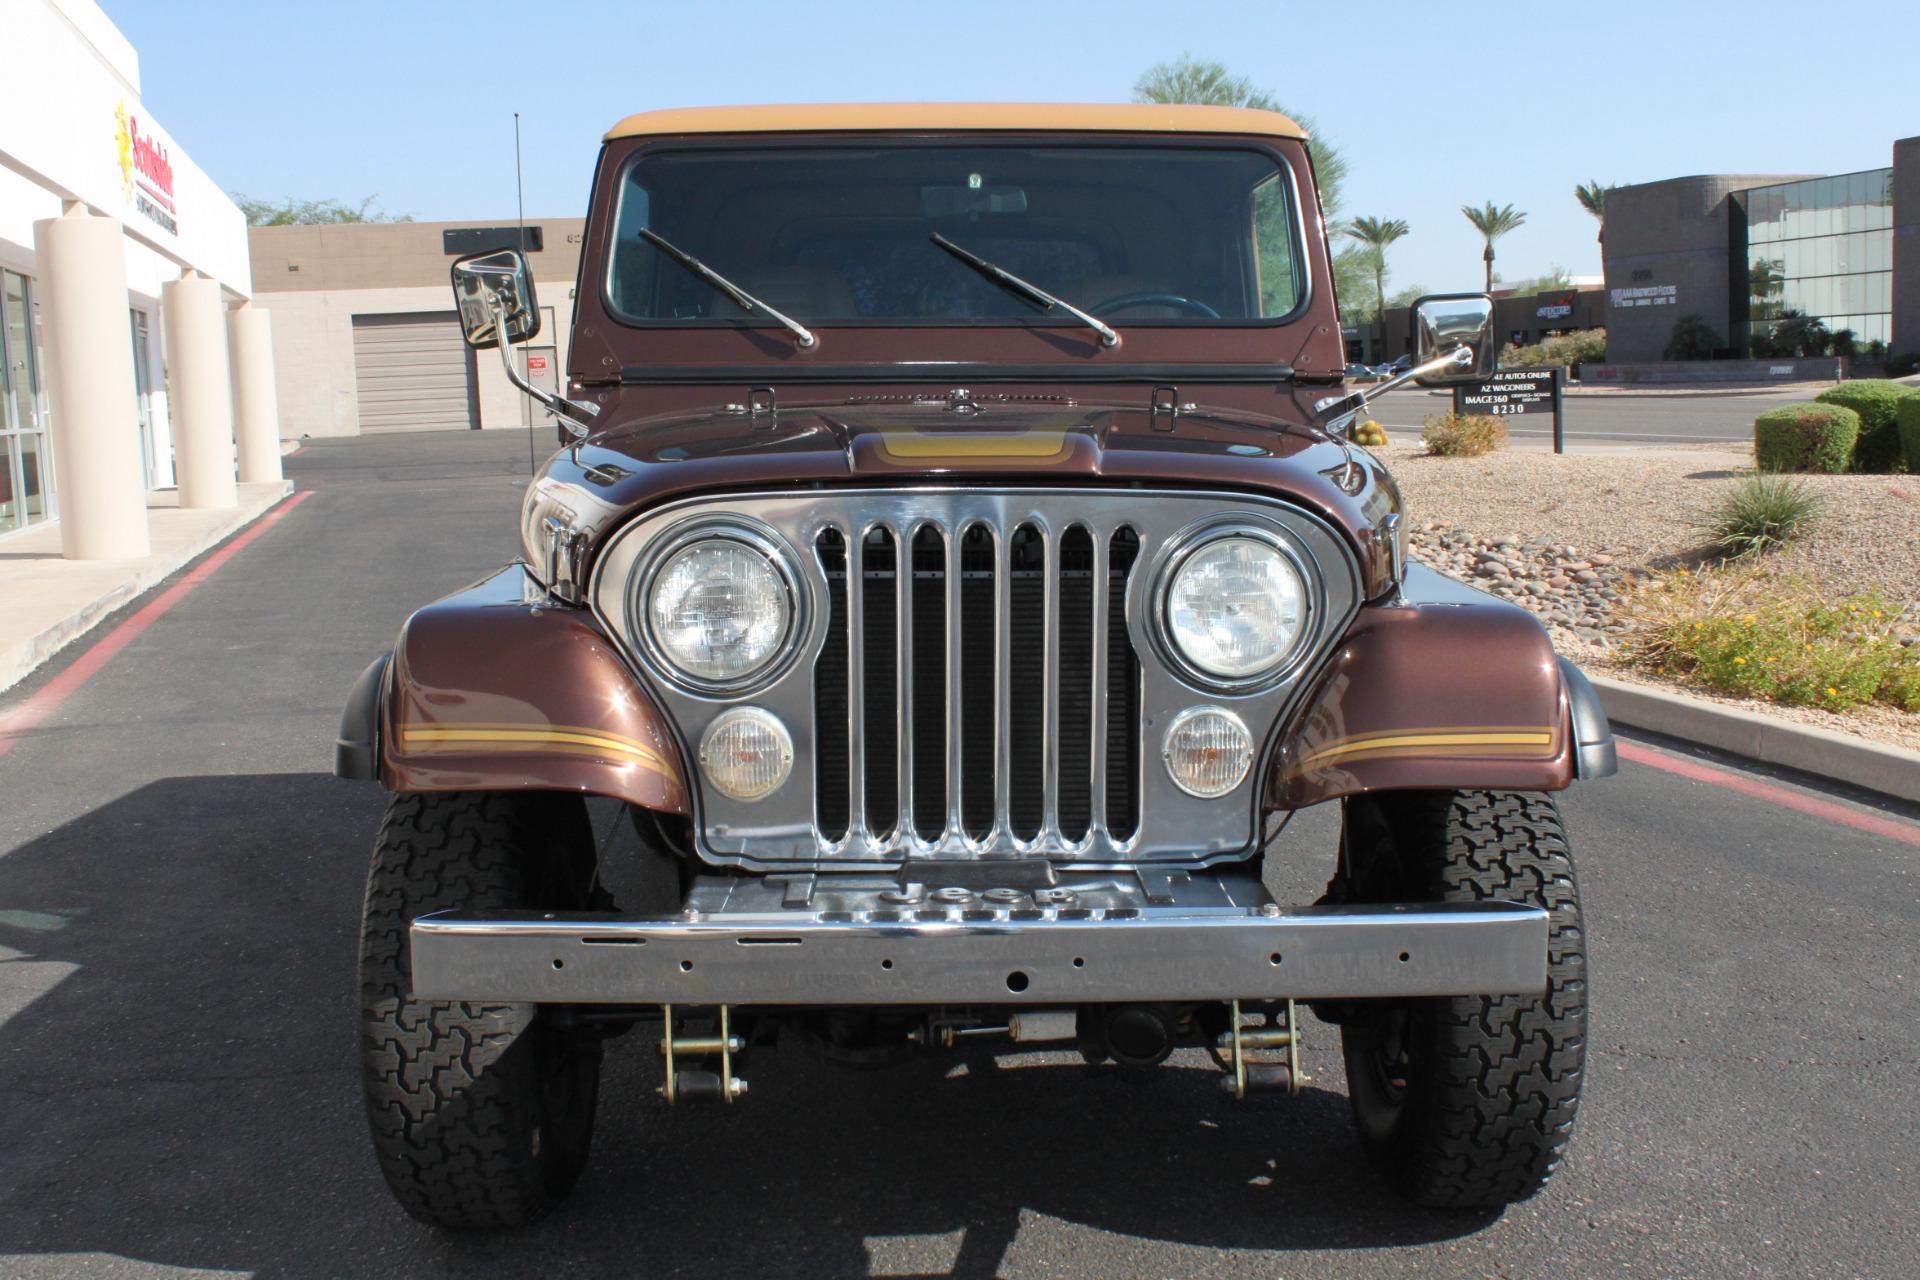 Used-1985-Jeep-CJ-7-Laredo-4WD-Wrangler